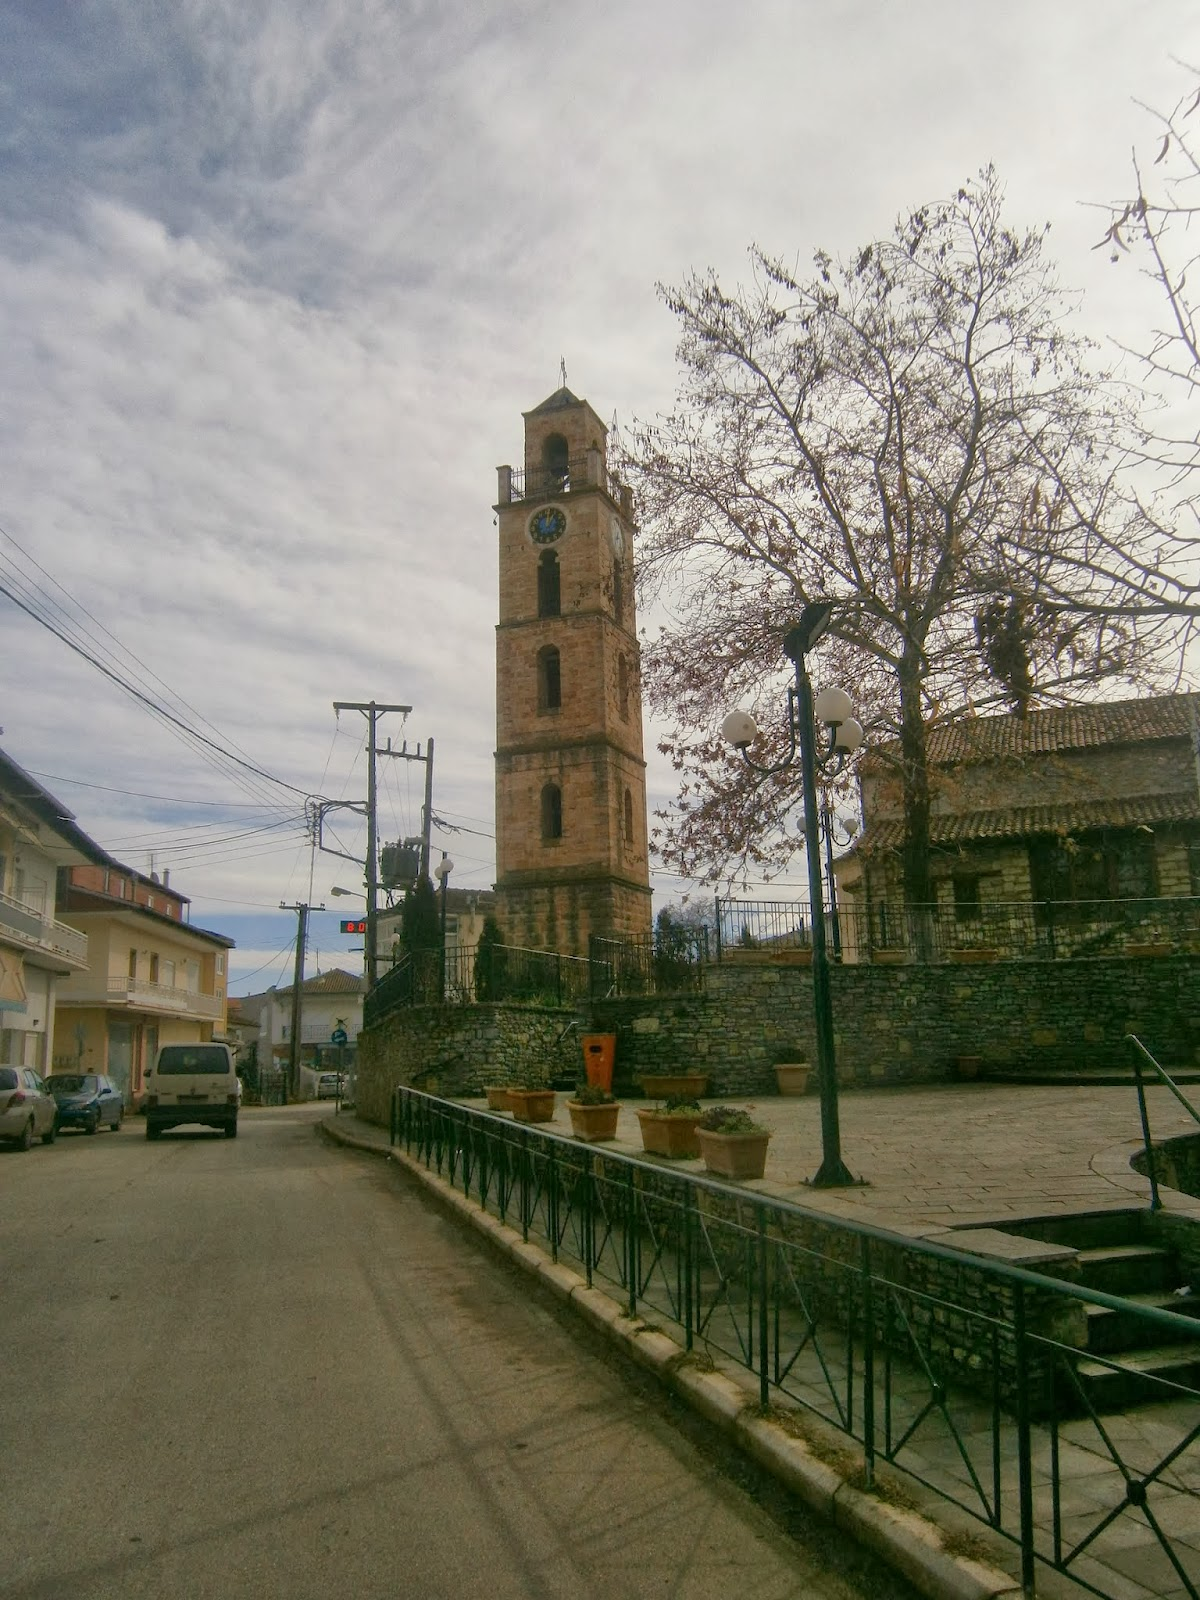 ναός του αγίου Ιωάννη Προδρόμου στην Λευκοπηγή Κοζάνης